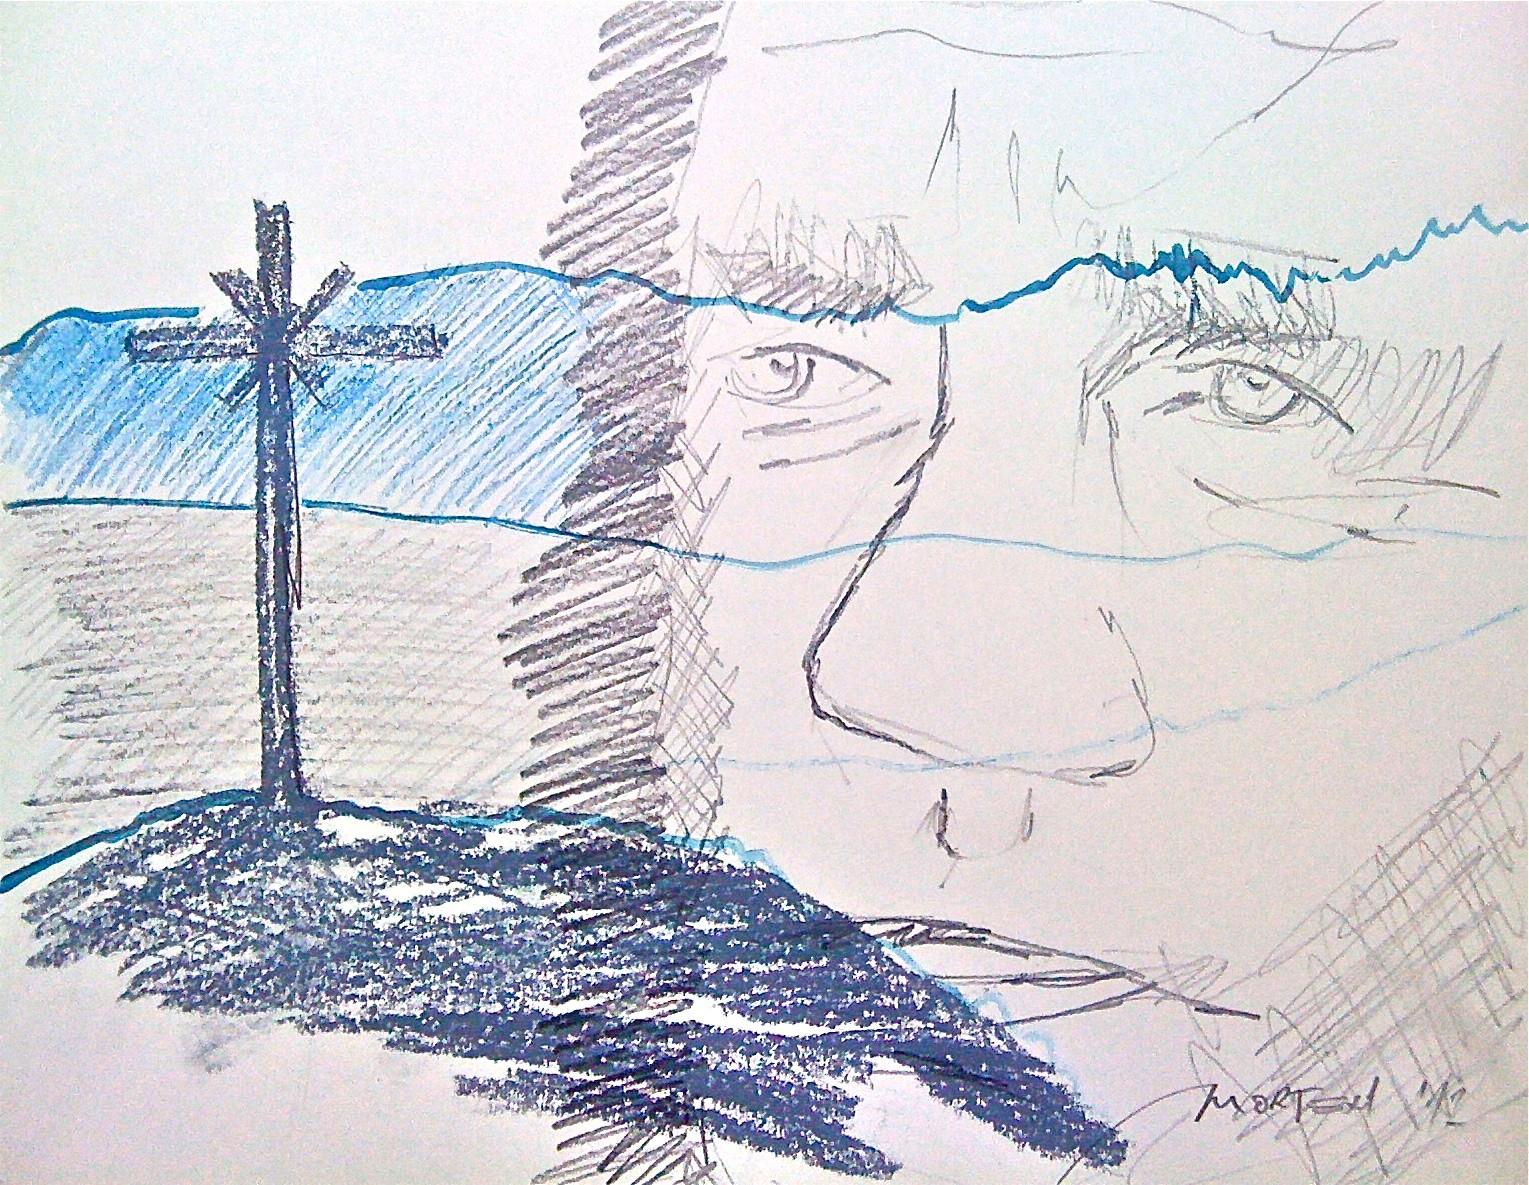 ÜBER DEN DINGEN, 2012, Johannes Morten, 40 x 40 cm, Graphit, Acryl und Ölkreide auf Alsterwerkdruck Papier